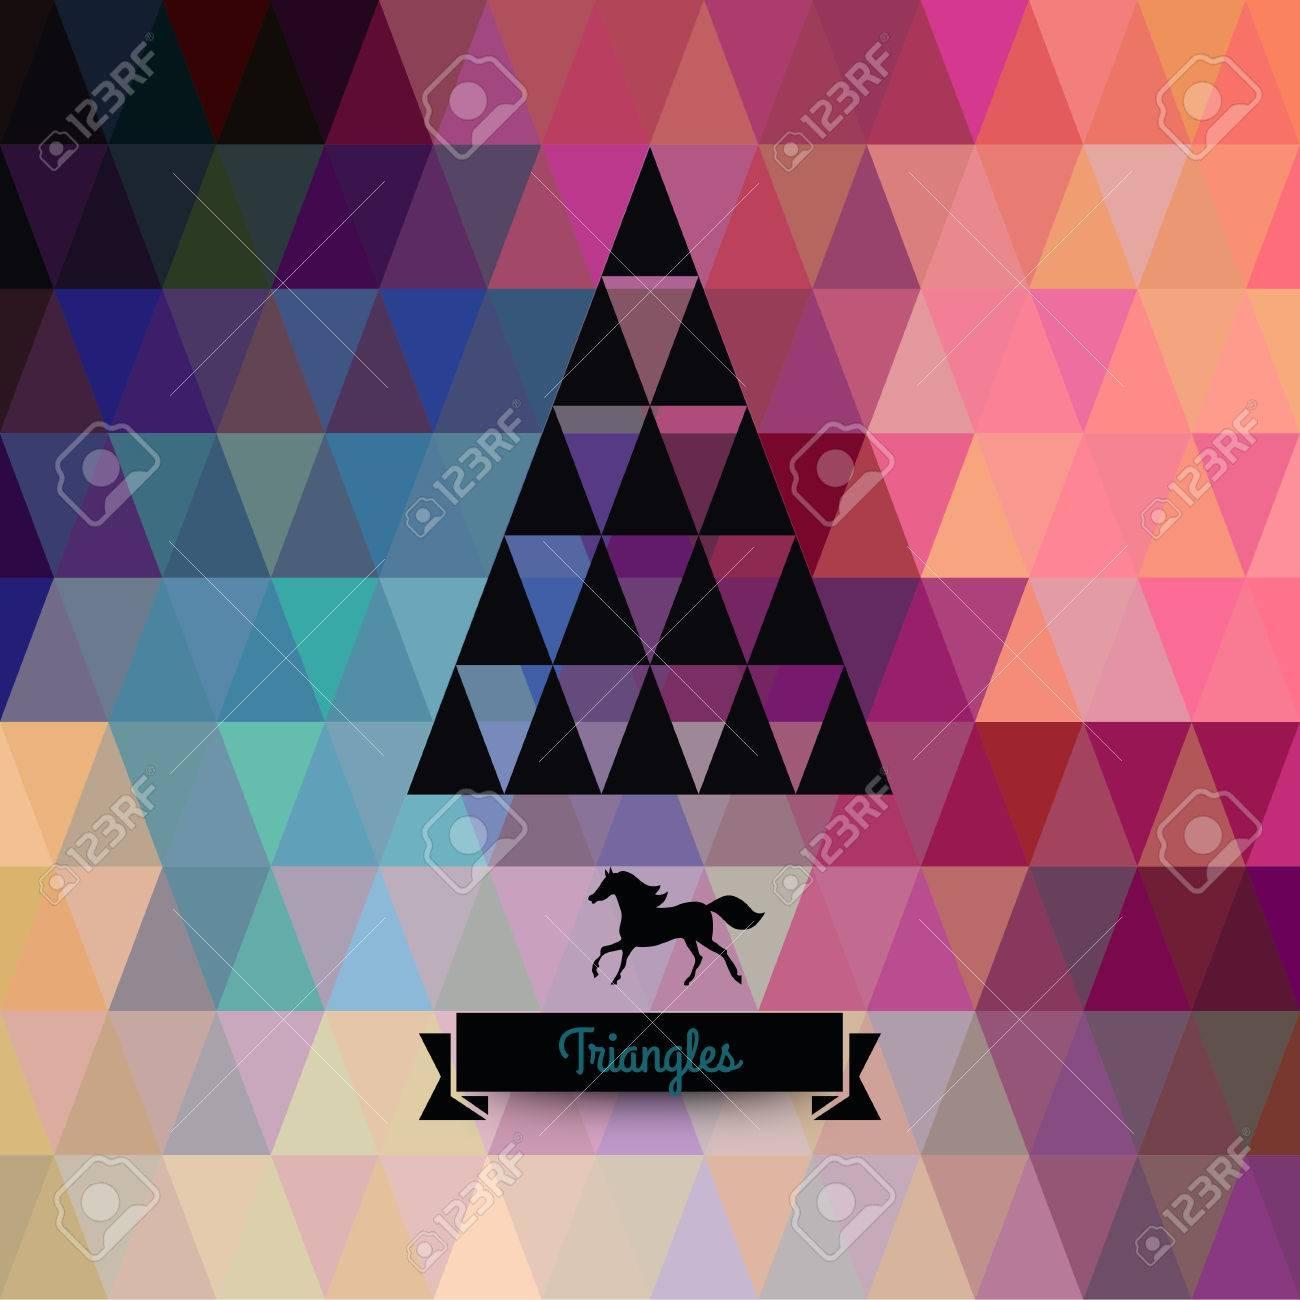 bea9d78e1e988 Tarjeta De Felicitación De La Navidad Del Vector. Triángulos. Árbol De  Navidad. Inconformista   Sofisticada. Silueta Abstracta Del árbol